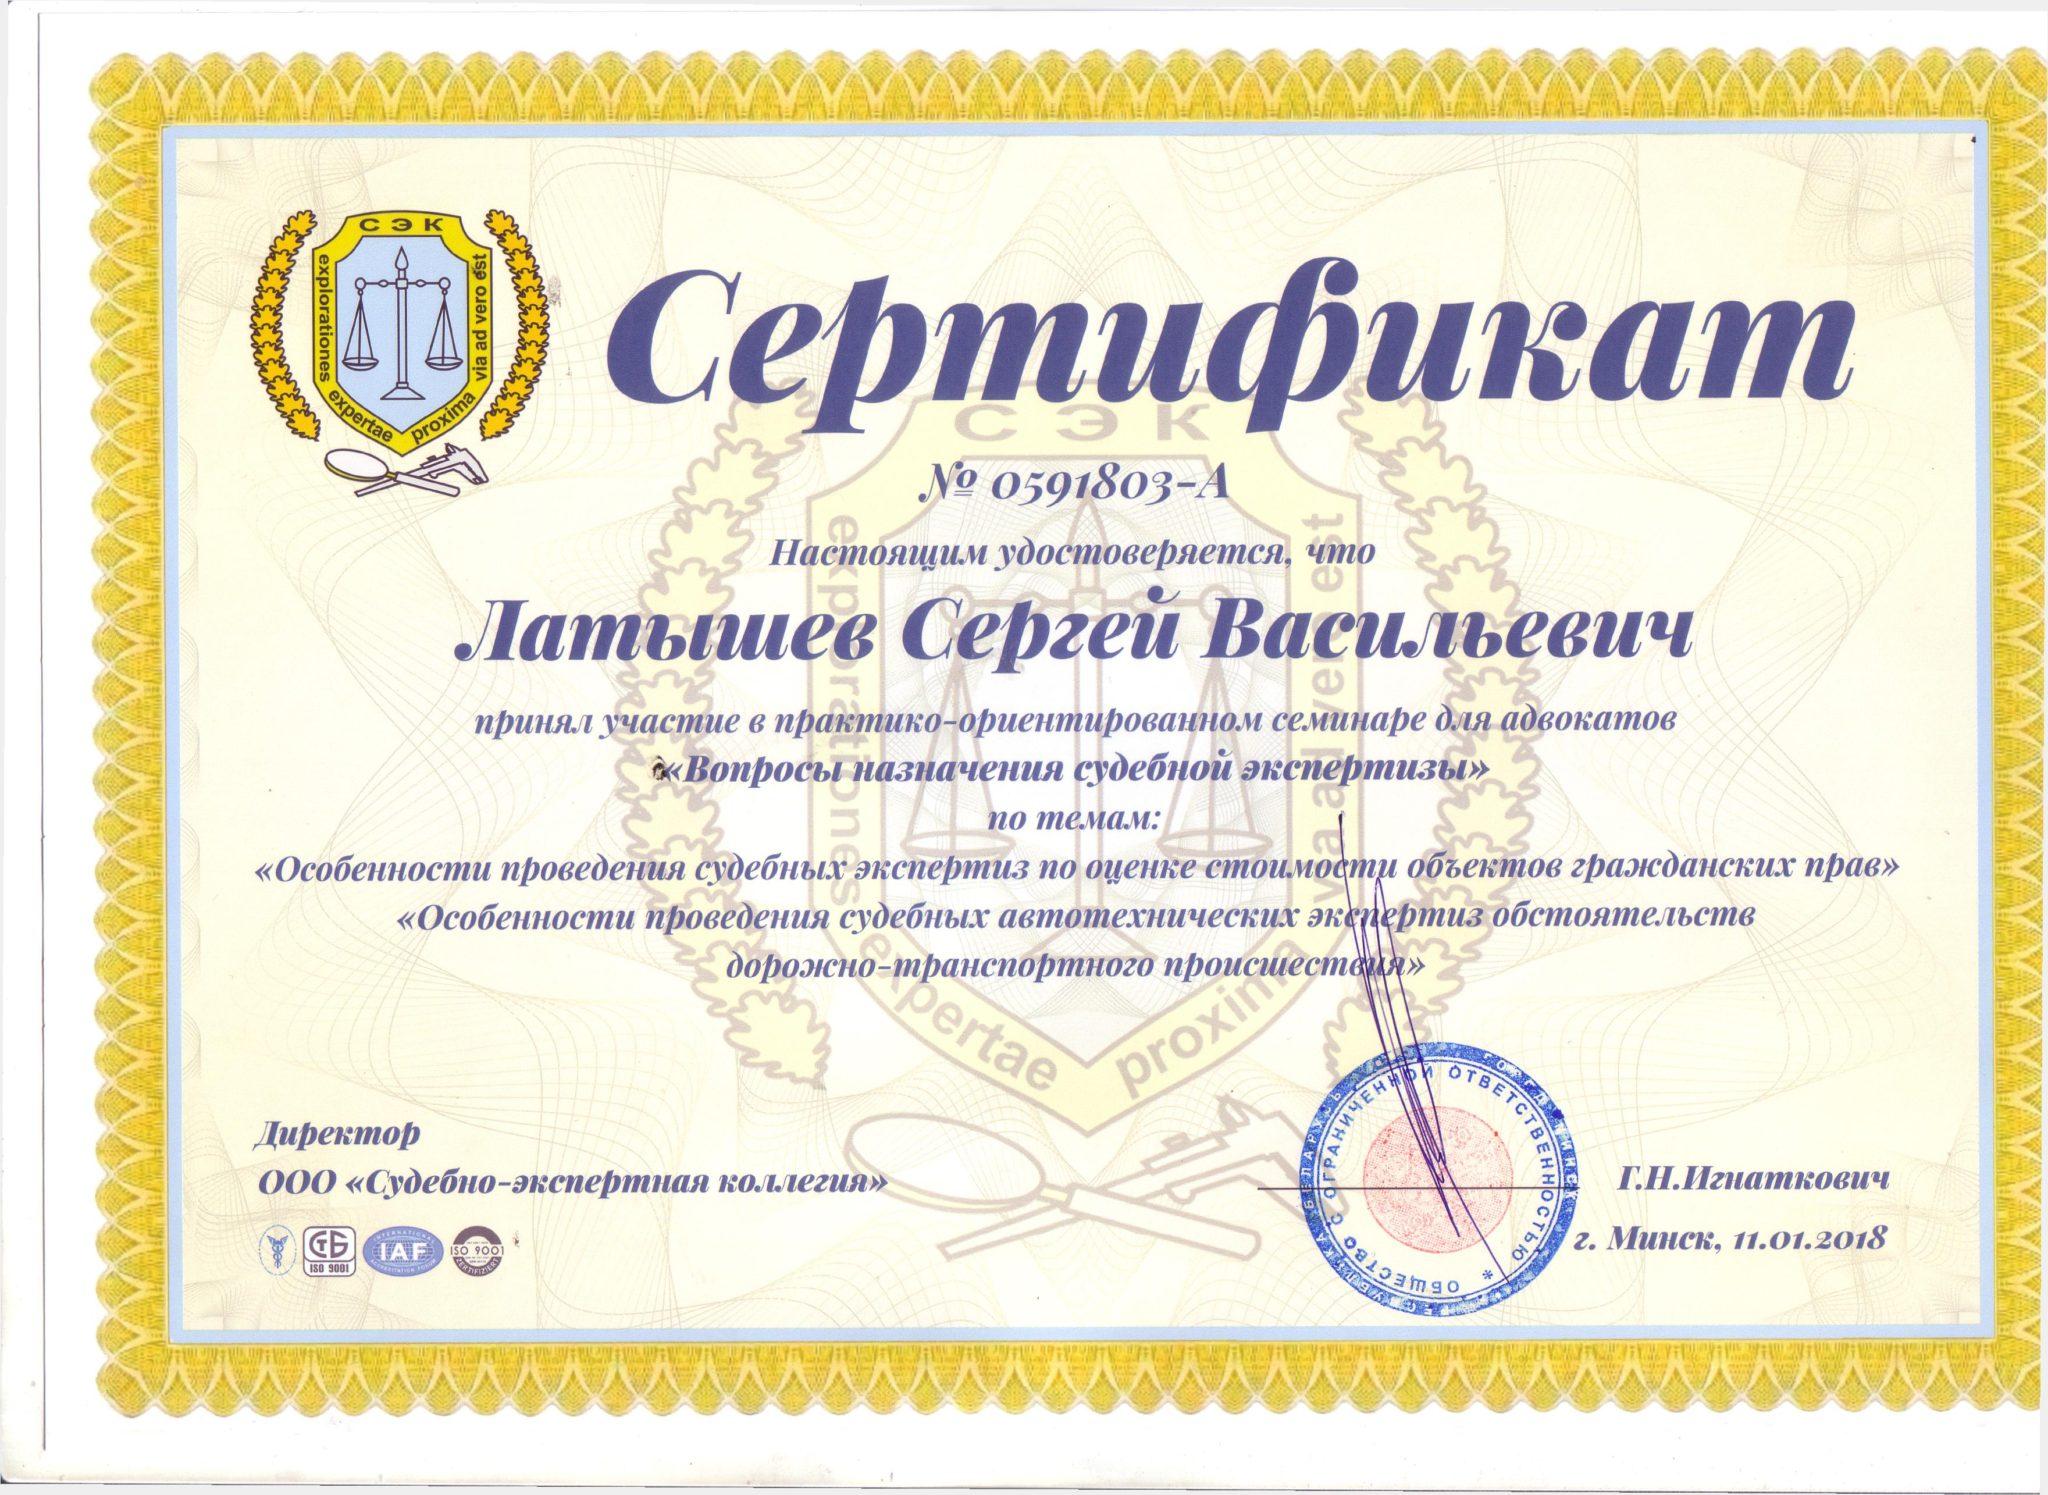 Сертификат адвоката по возврату прав Латышева С.В. об участии в семинаре